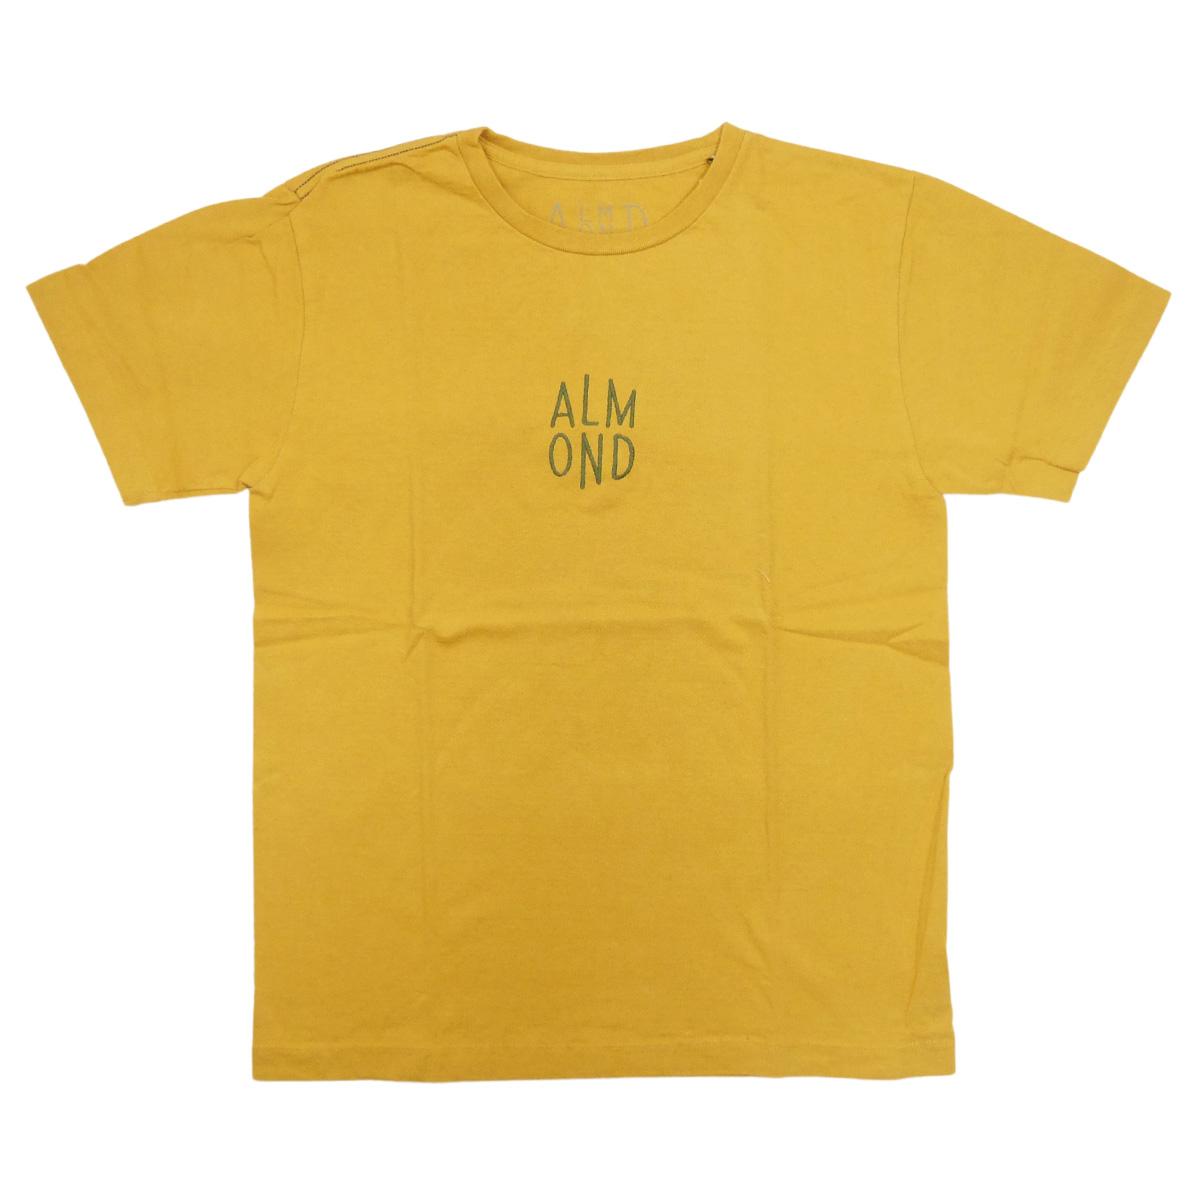 Almond Surf アーモンドサーフボードデザイン ALMOND EMB